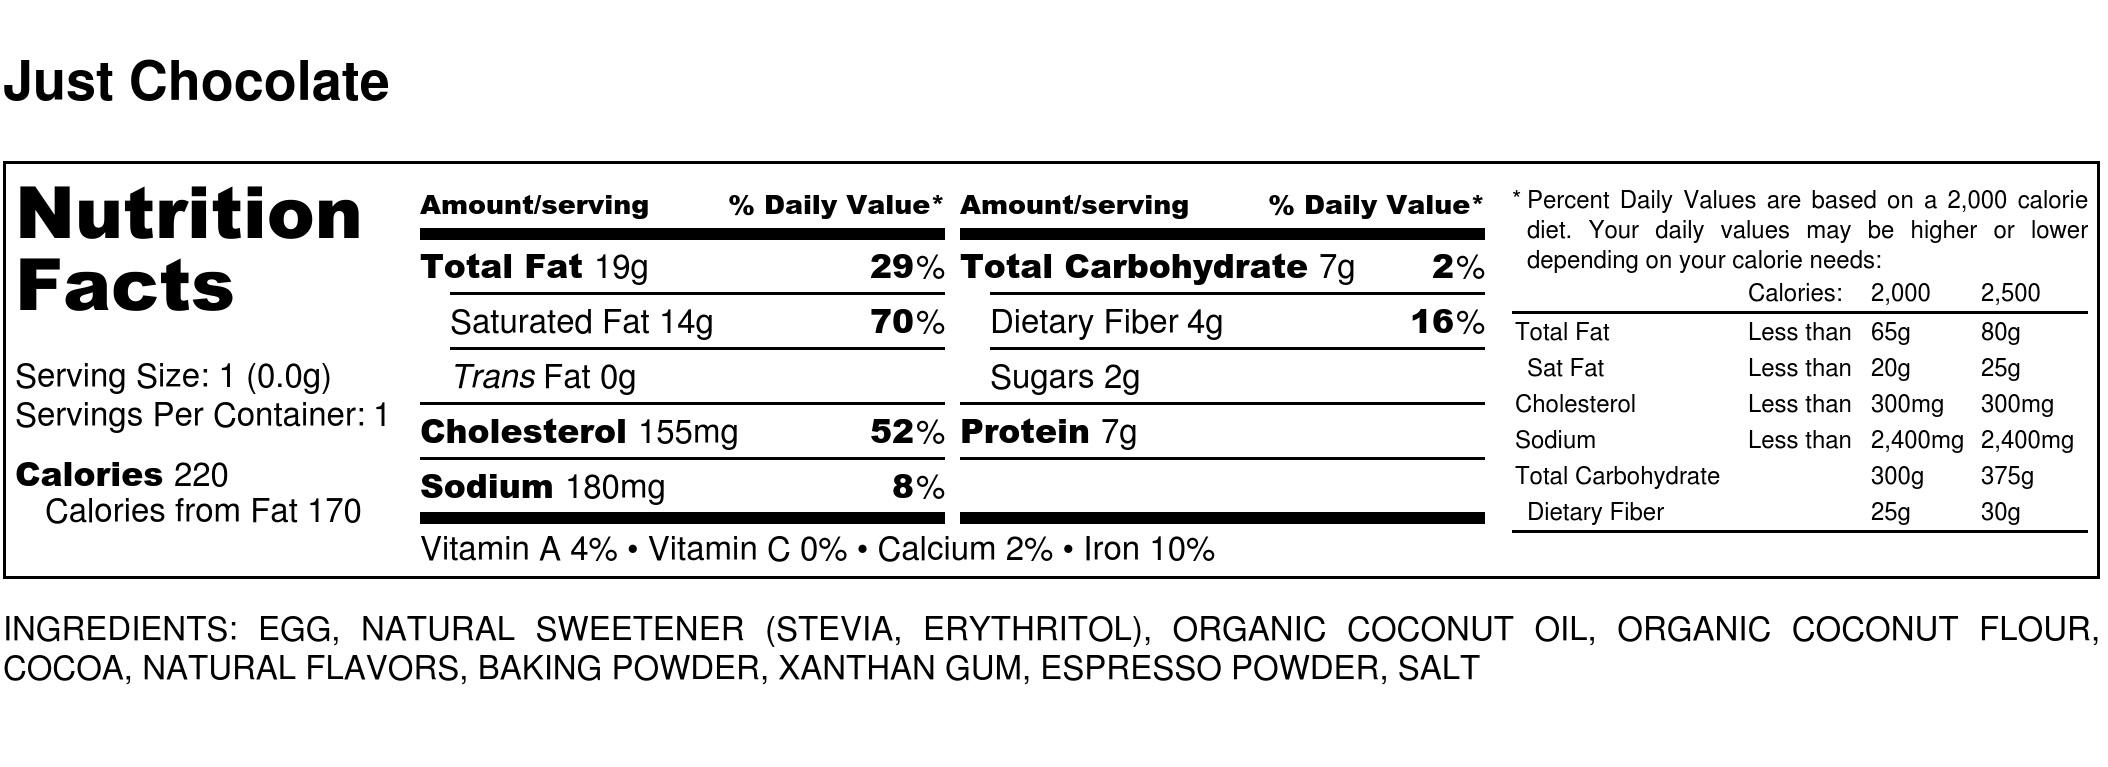 just-chocolate-nutrition-labelnew.jpg